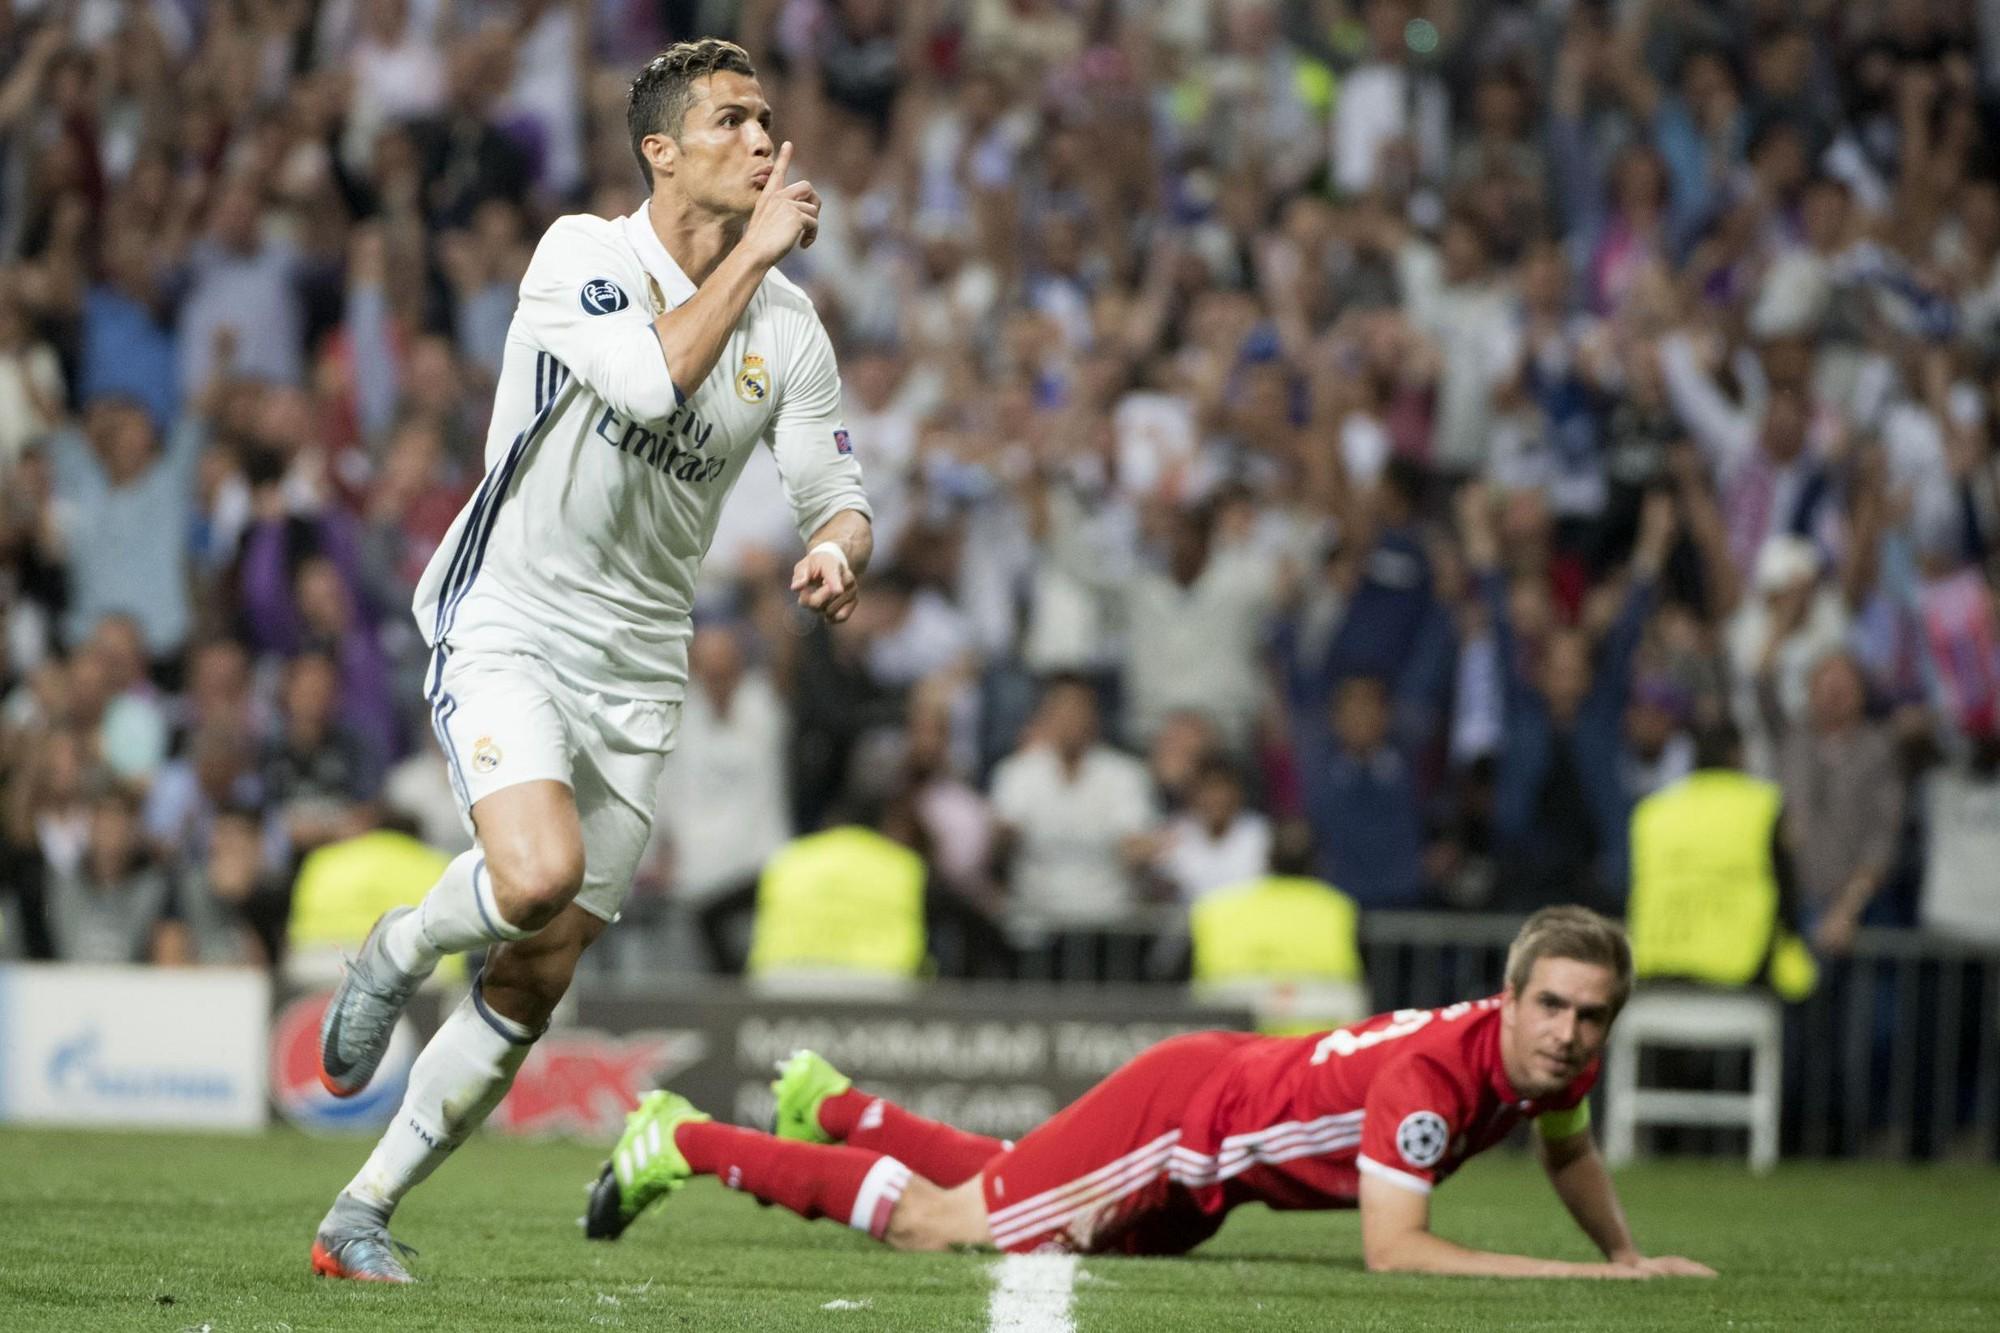 Tại sao, Ronaldo? Anh đến Juve để làm gì? - Ảnh 2.